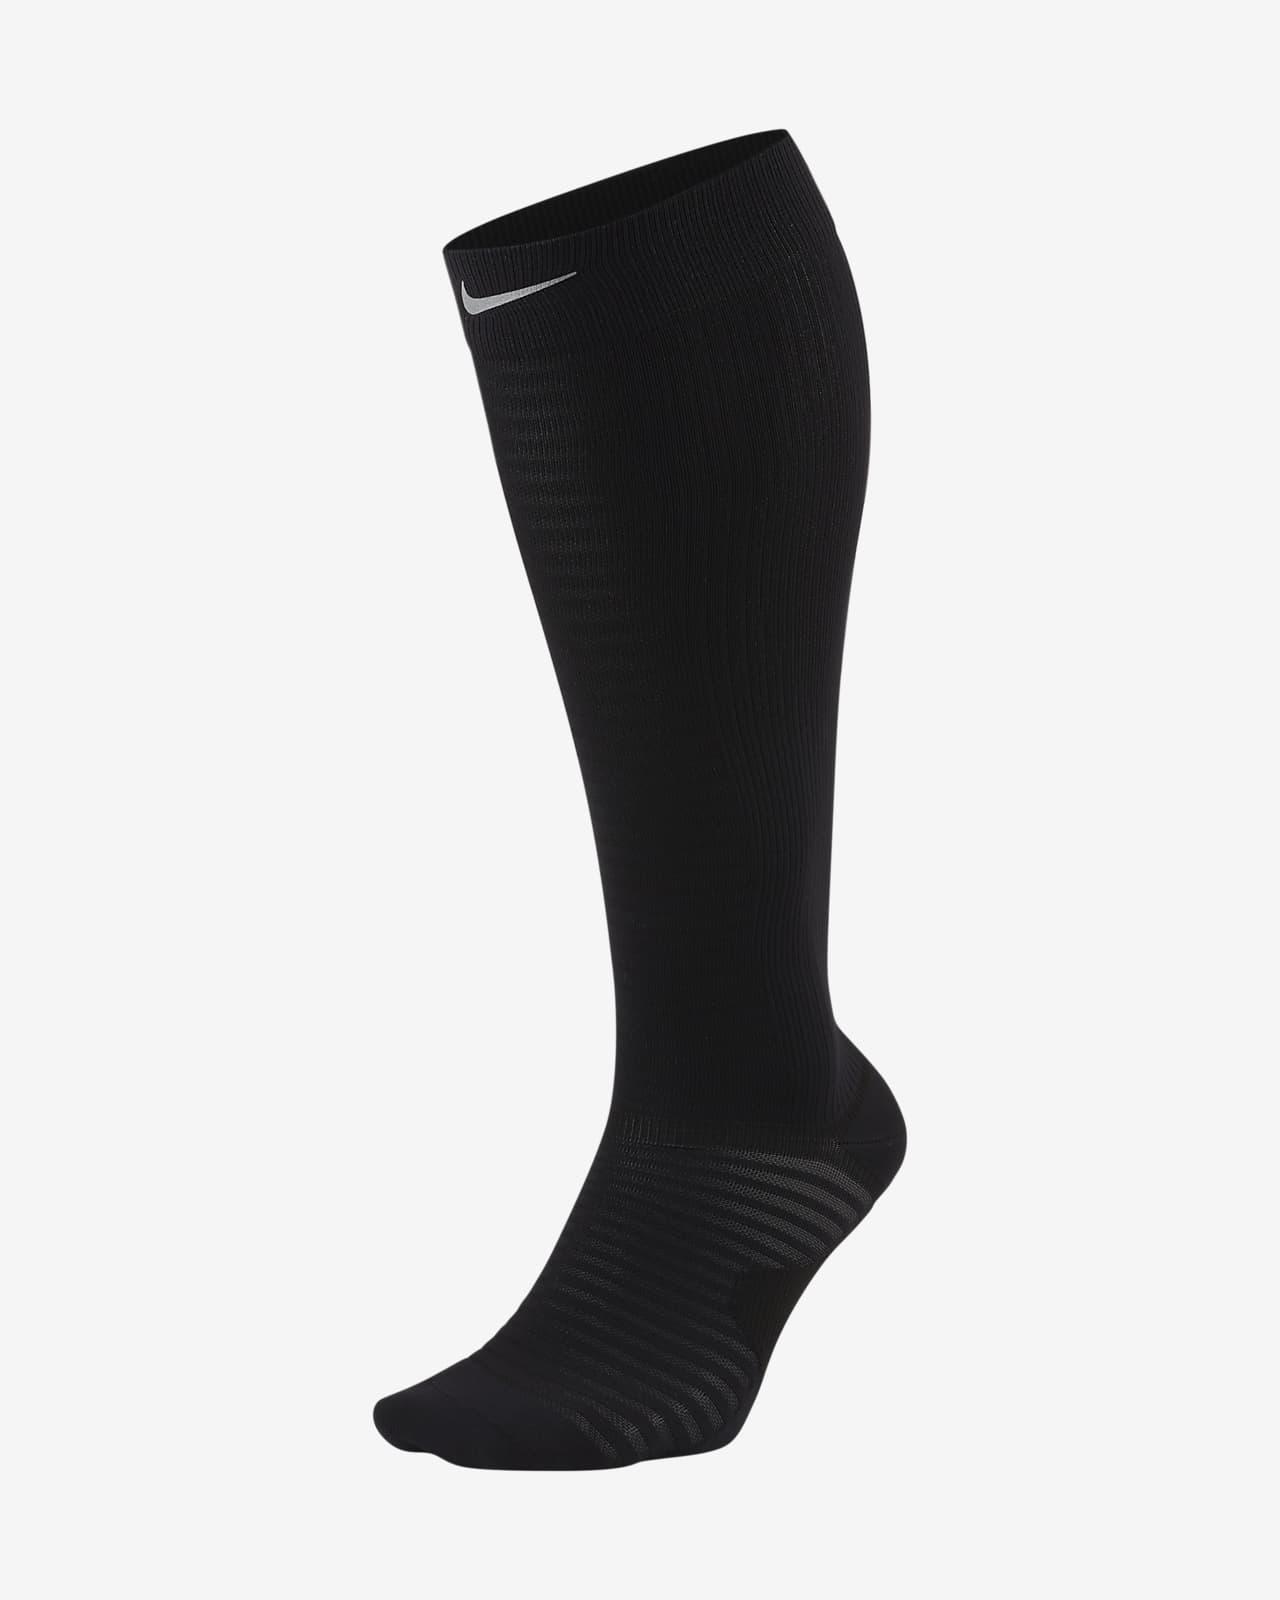 Nike Spark Lightweight féllábszárig érő kompressziós futózokni